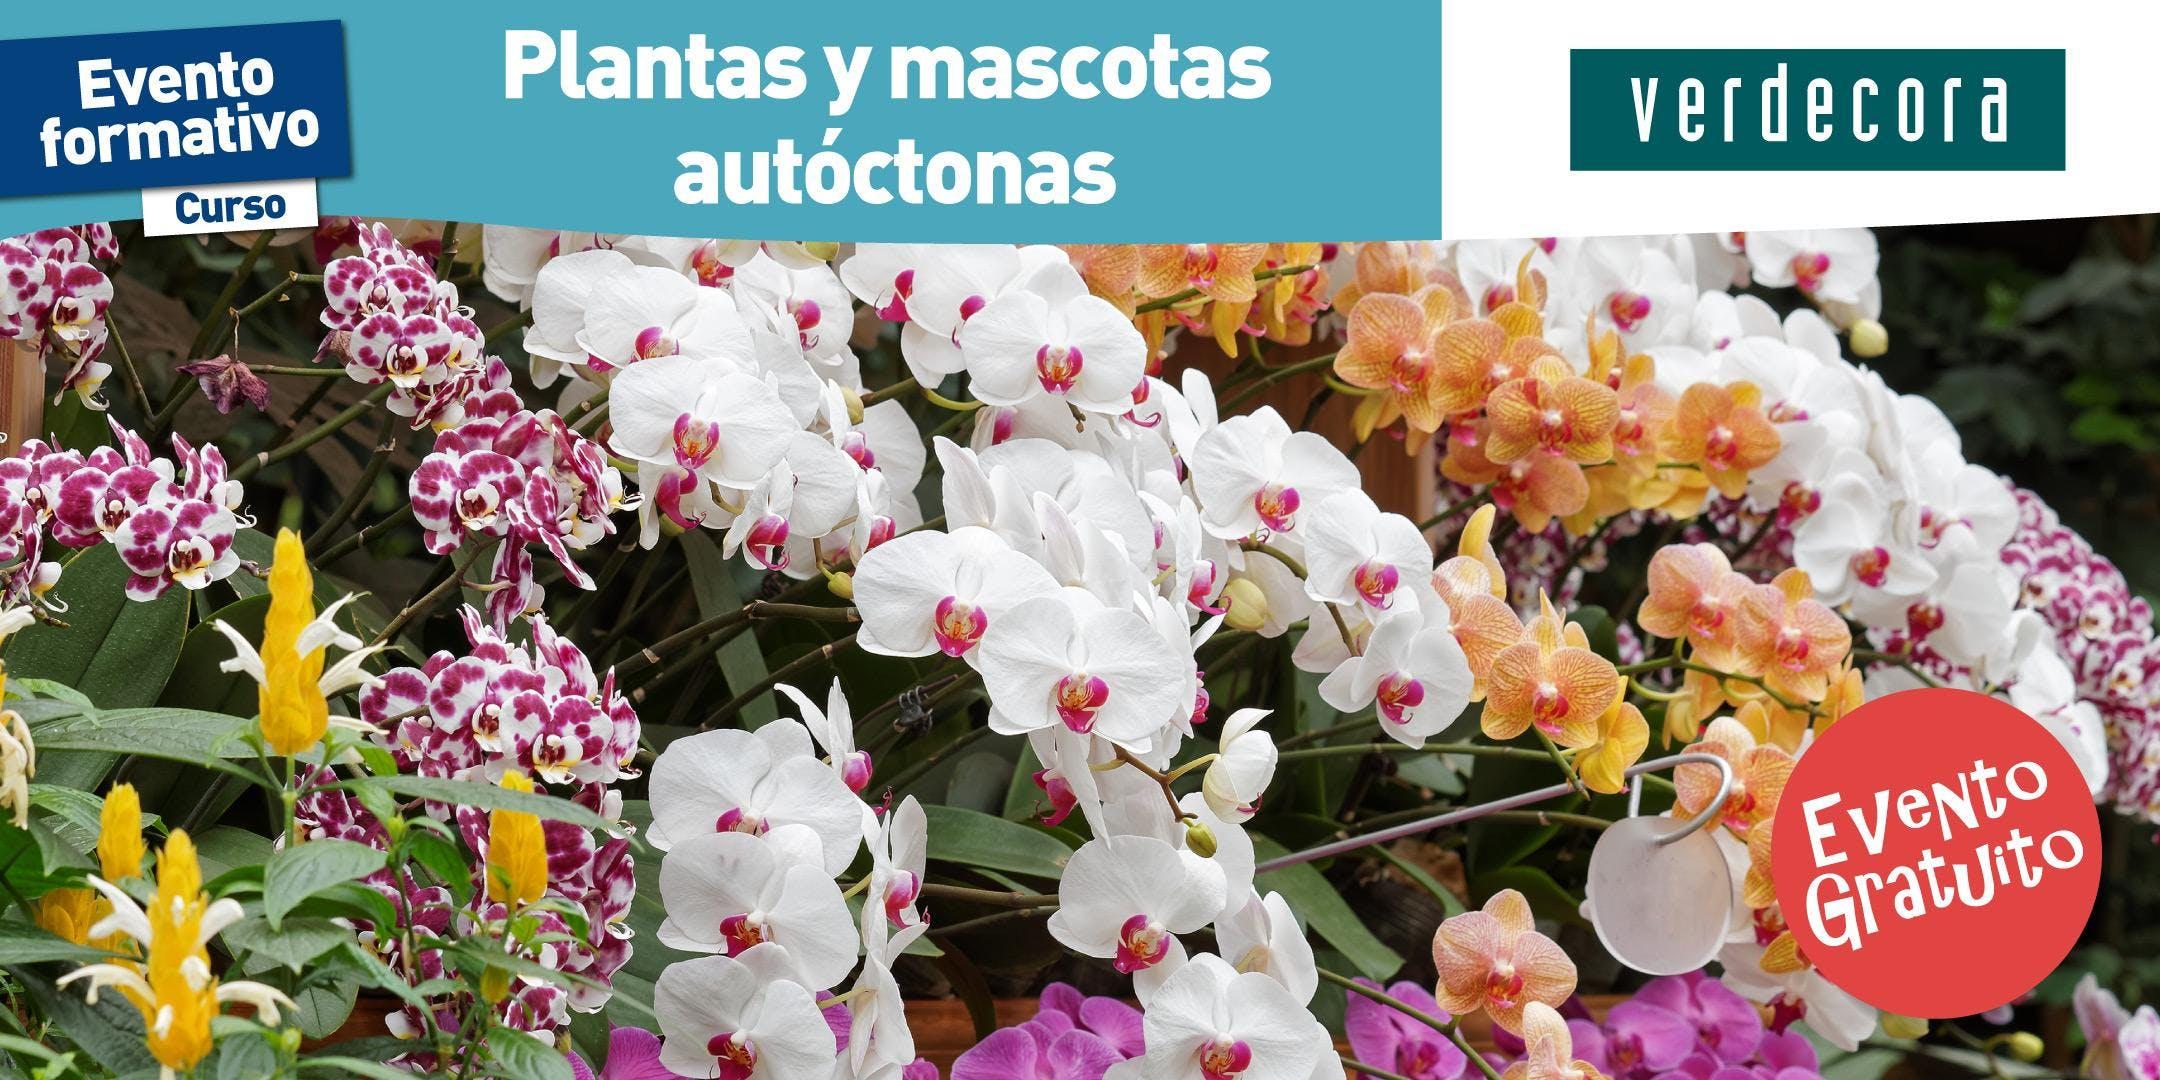 19 05 taller de plantas y mascotas aut ctonas verdecora for Verdecora malaga